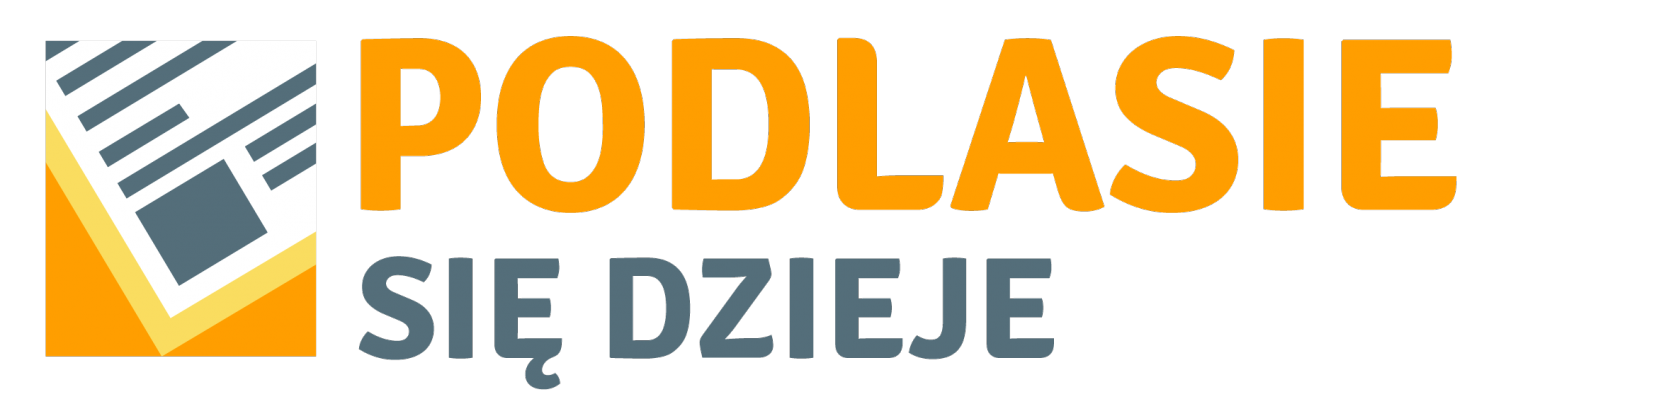 PodlasieSieDzieje.pl